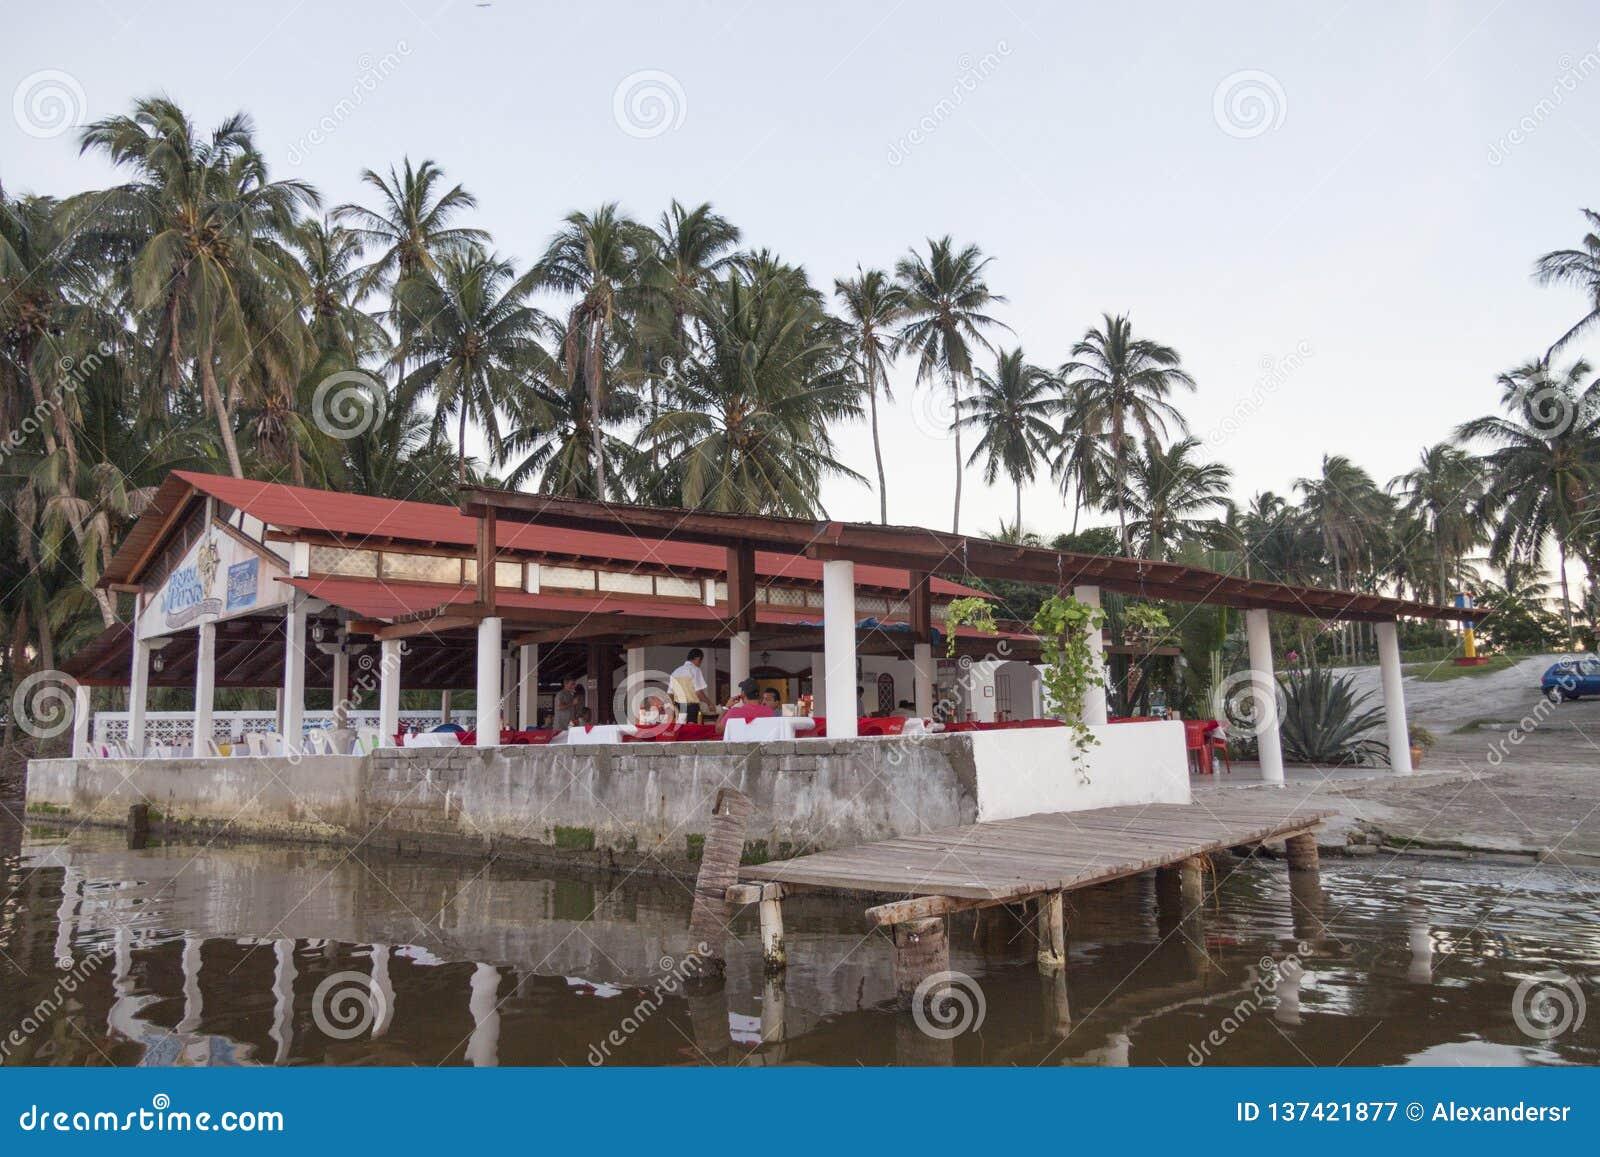 Meksyk Tabasco paraÃso, Meksyk 12/23/2009/ Sławna restauracja w paraÃso pirat plaży lub Playa Del Pirat,